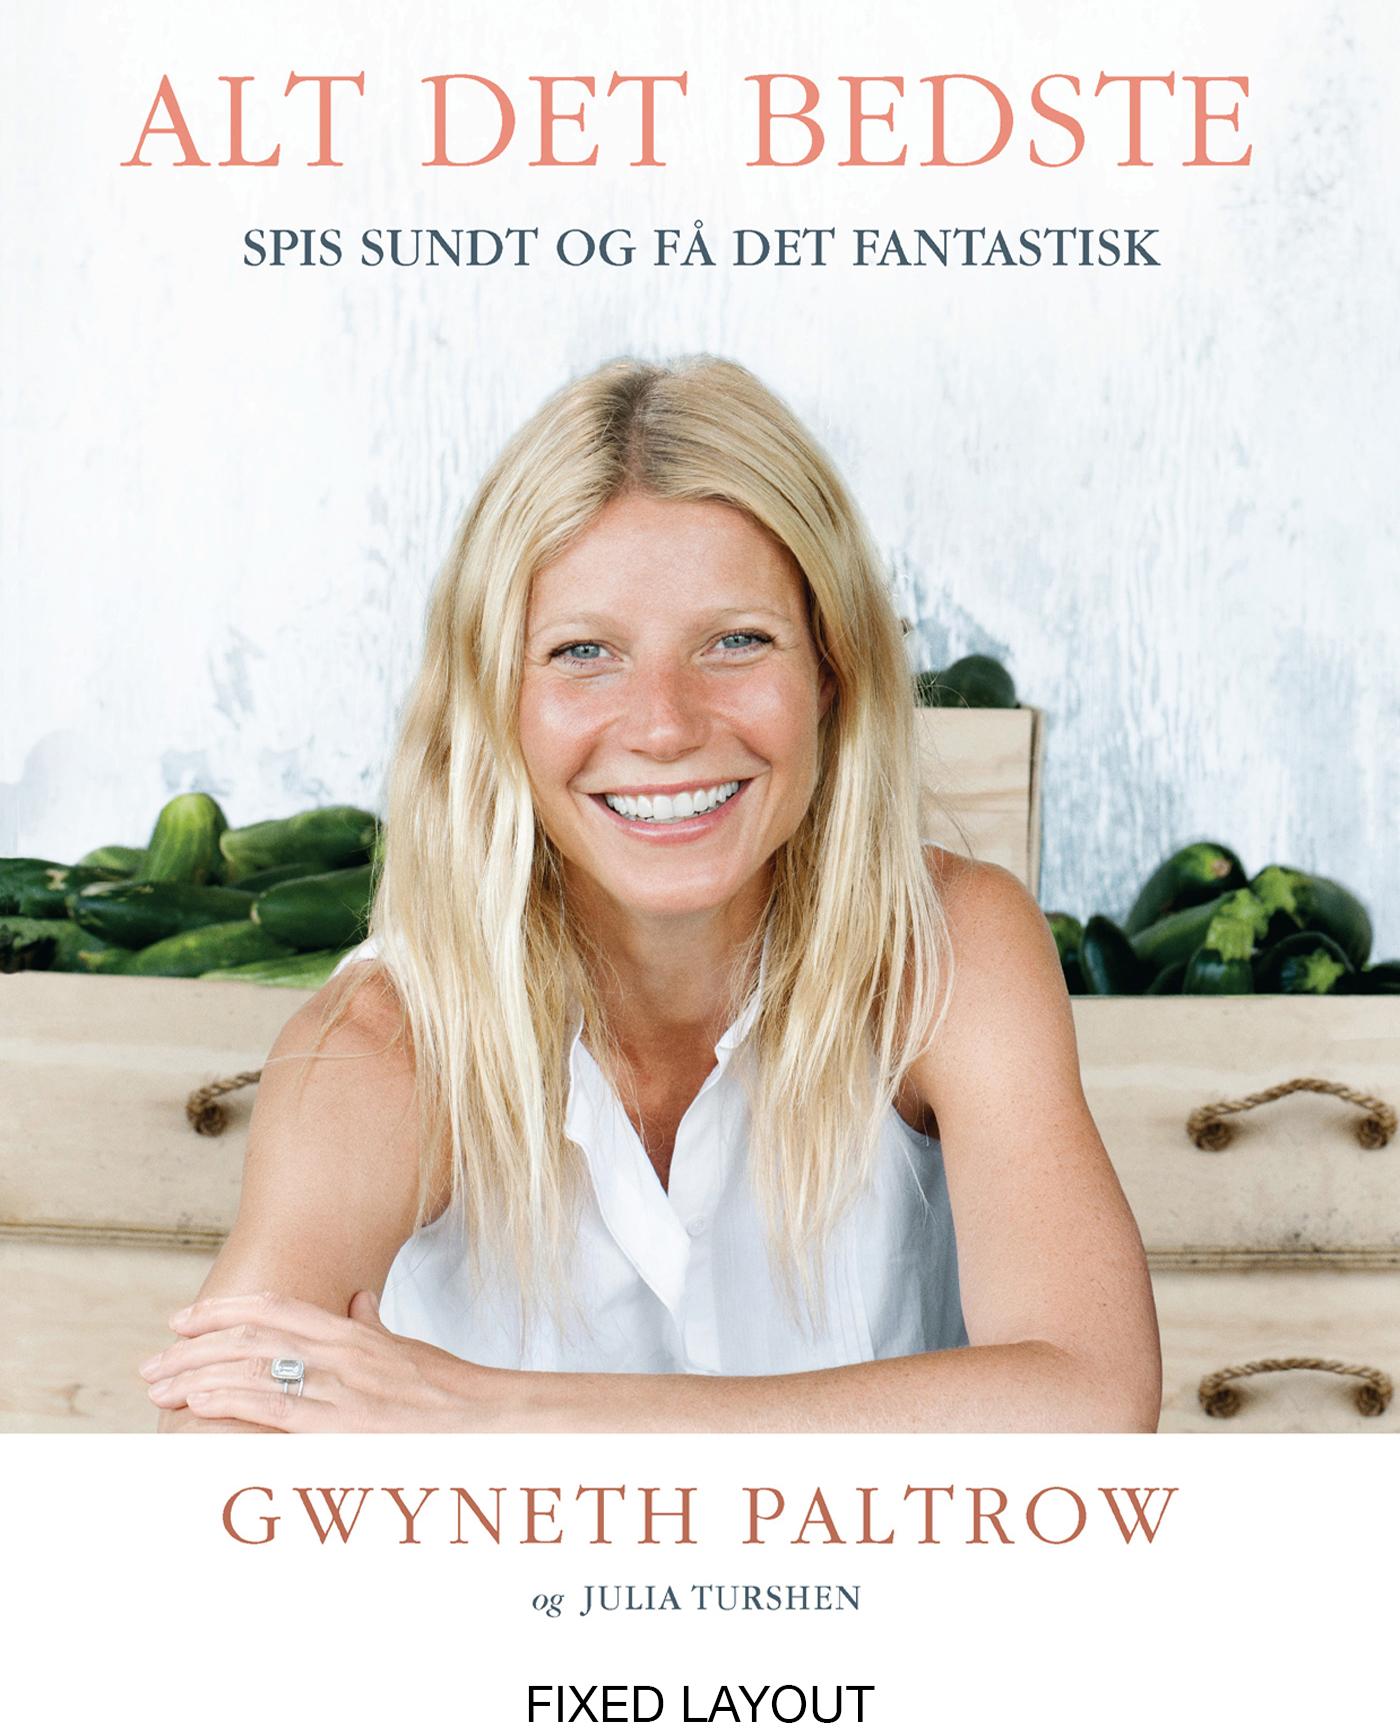 Alt det bedste - spis sundt og få det fantastisk - e-bog fra N/A på bog & mystik